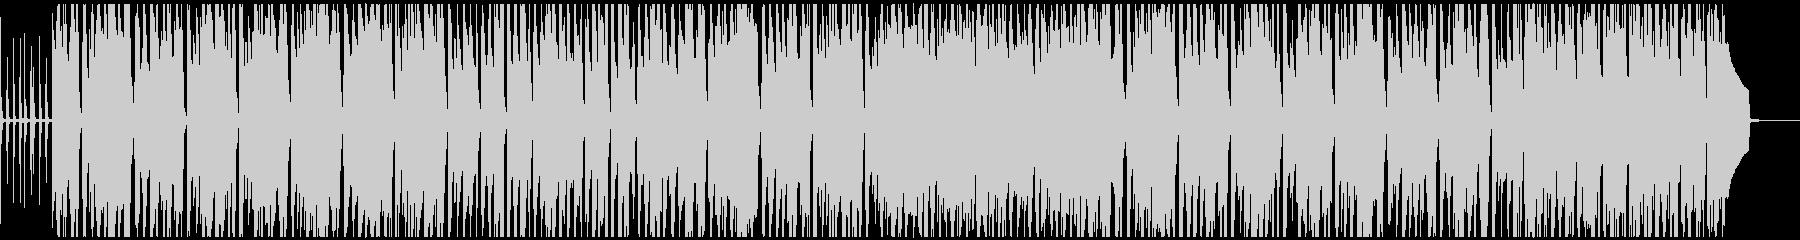 シロフォンとアコギの可愛いポップなBGMの未再生の波形